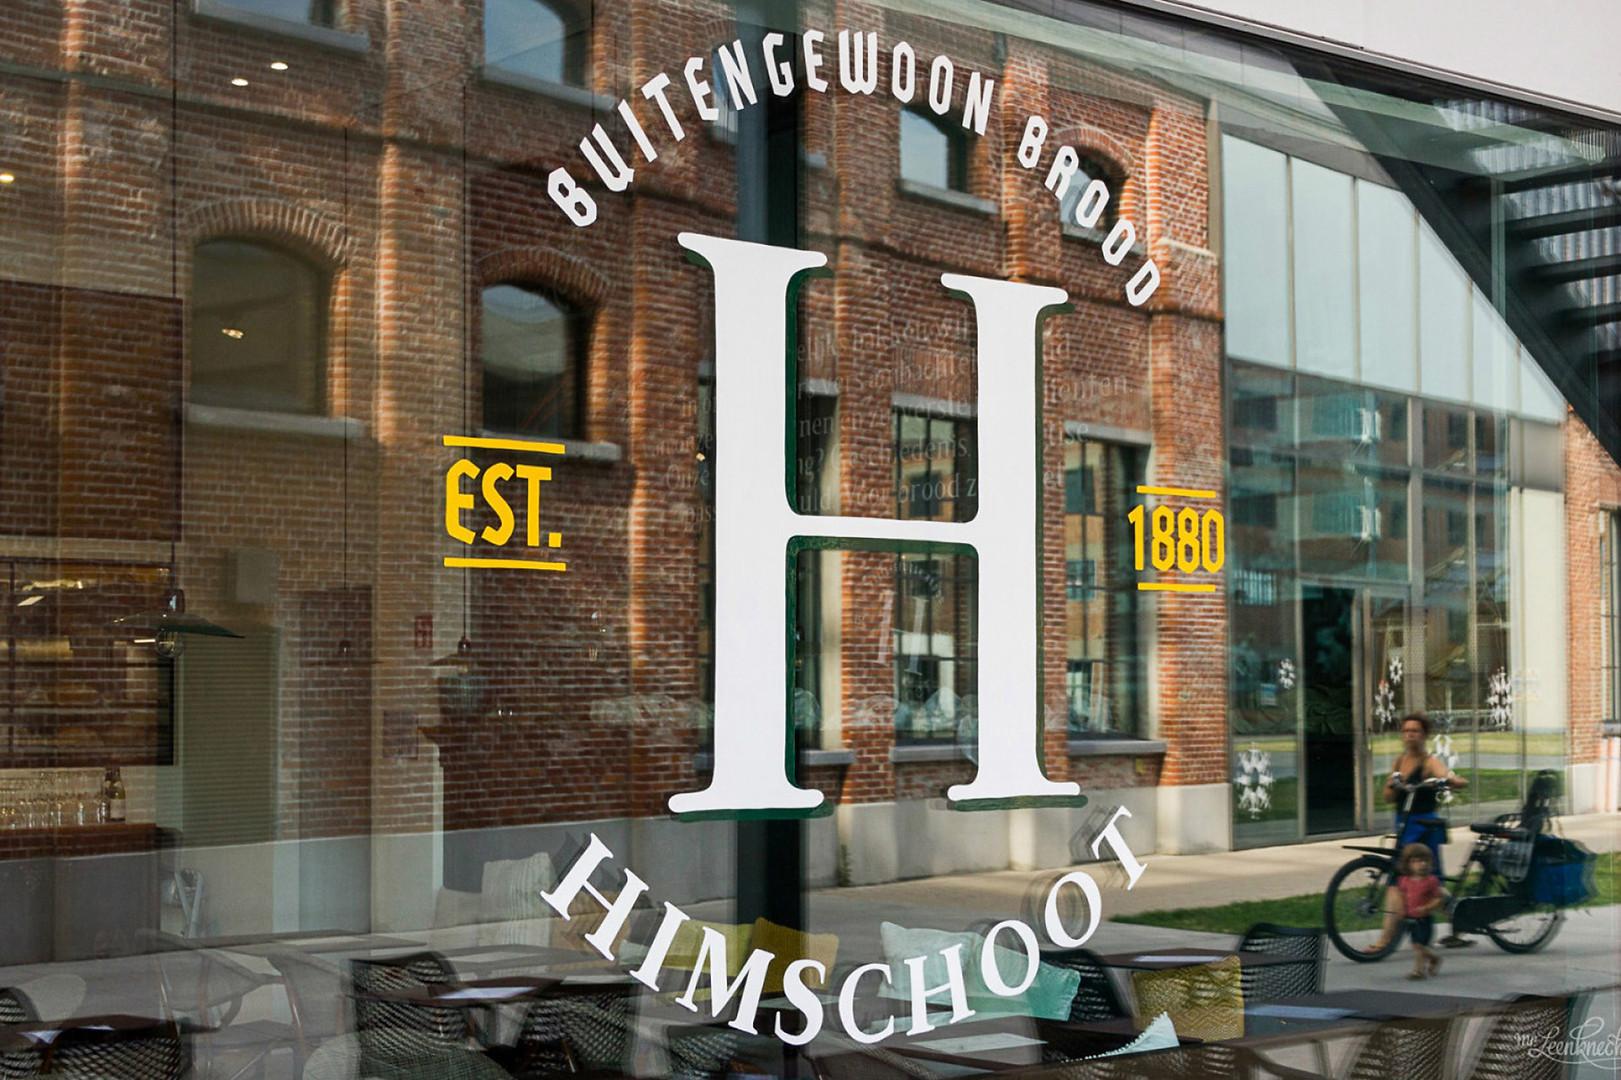 himschoot window.jpg